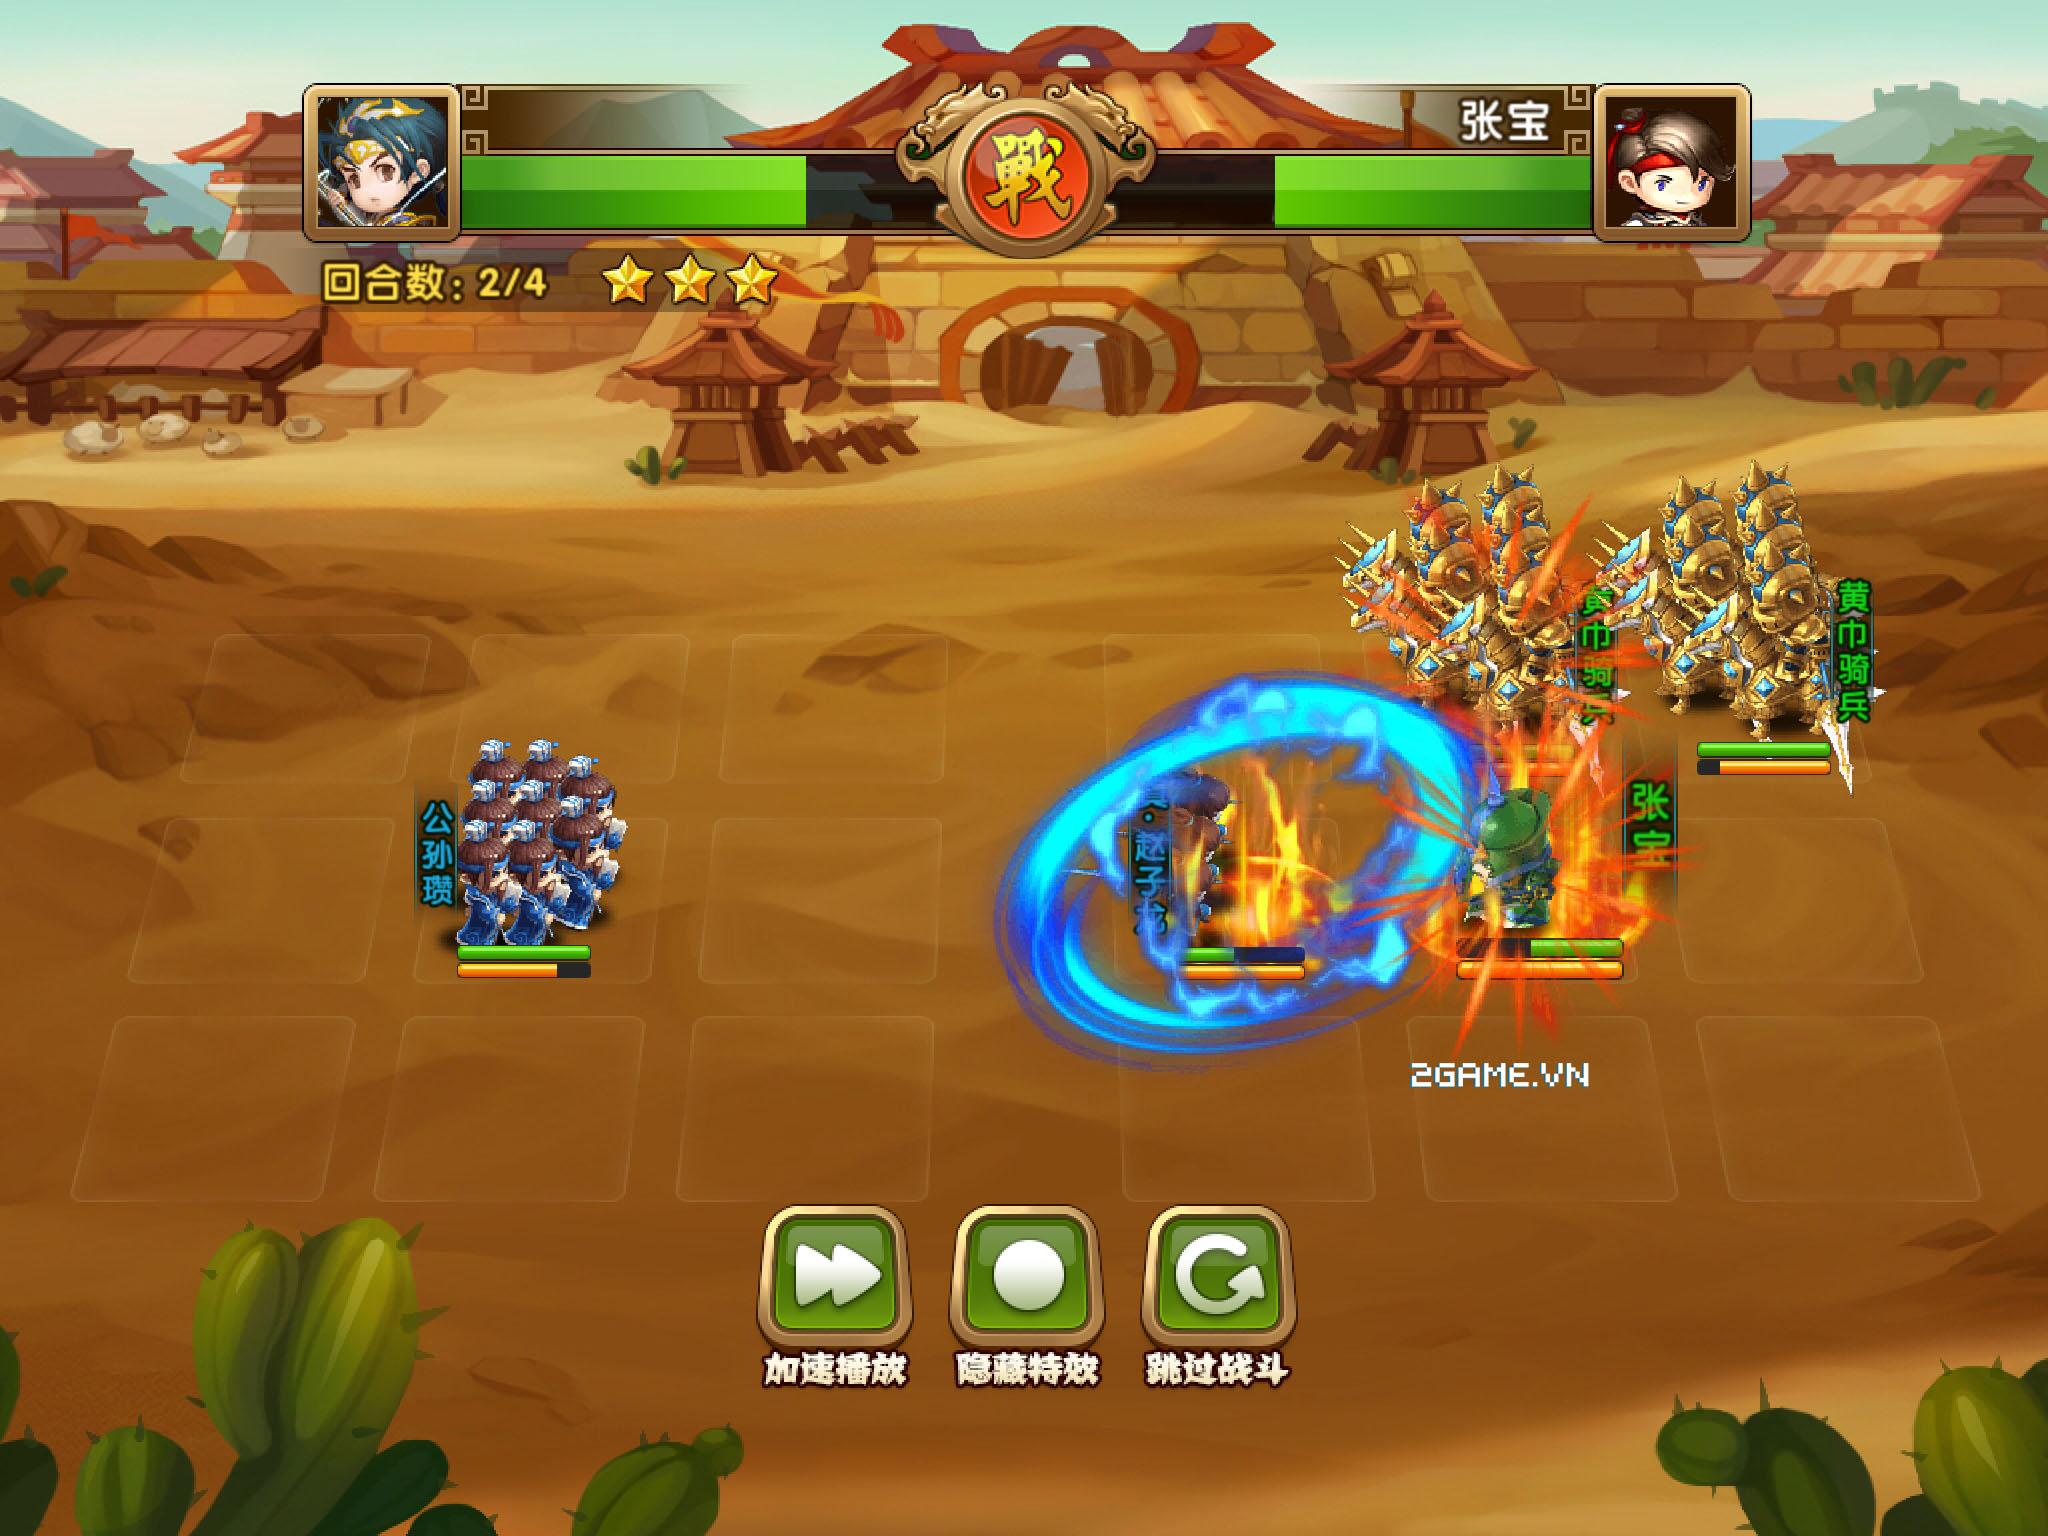 Ngọc Rồng Tam Quốc - Khi sử 3Q kết hợp cùng Dragon Ball 10